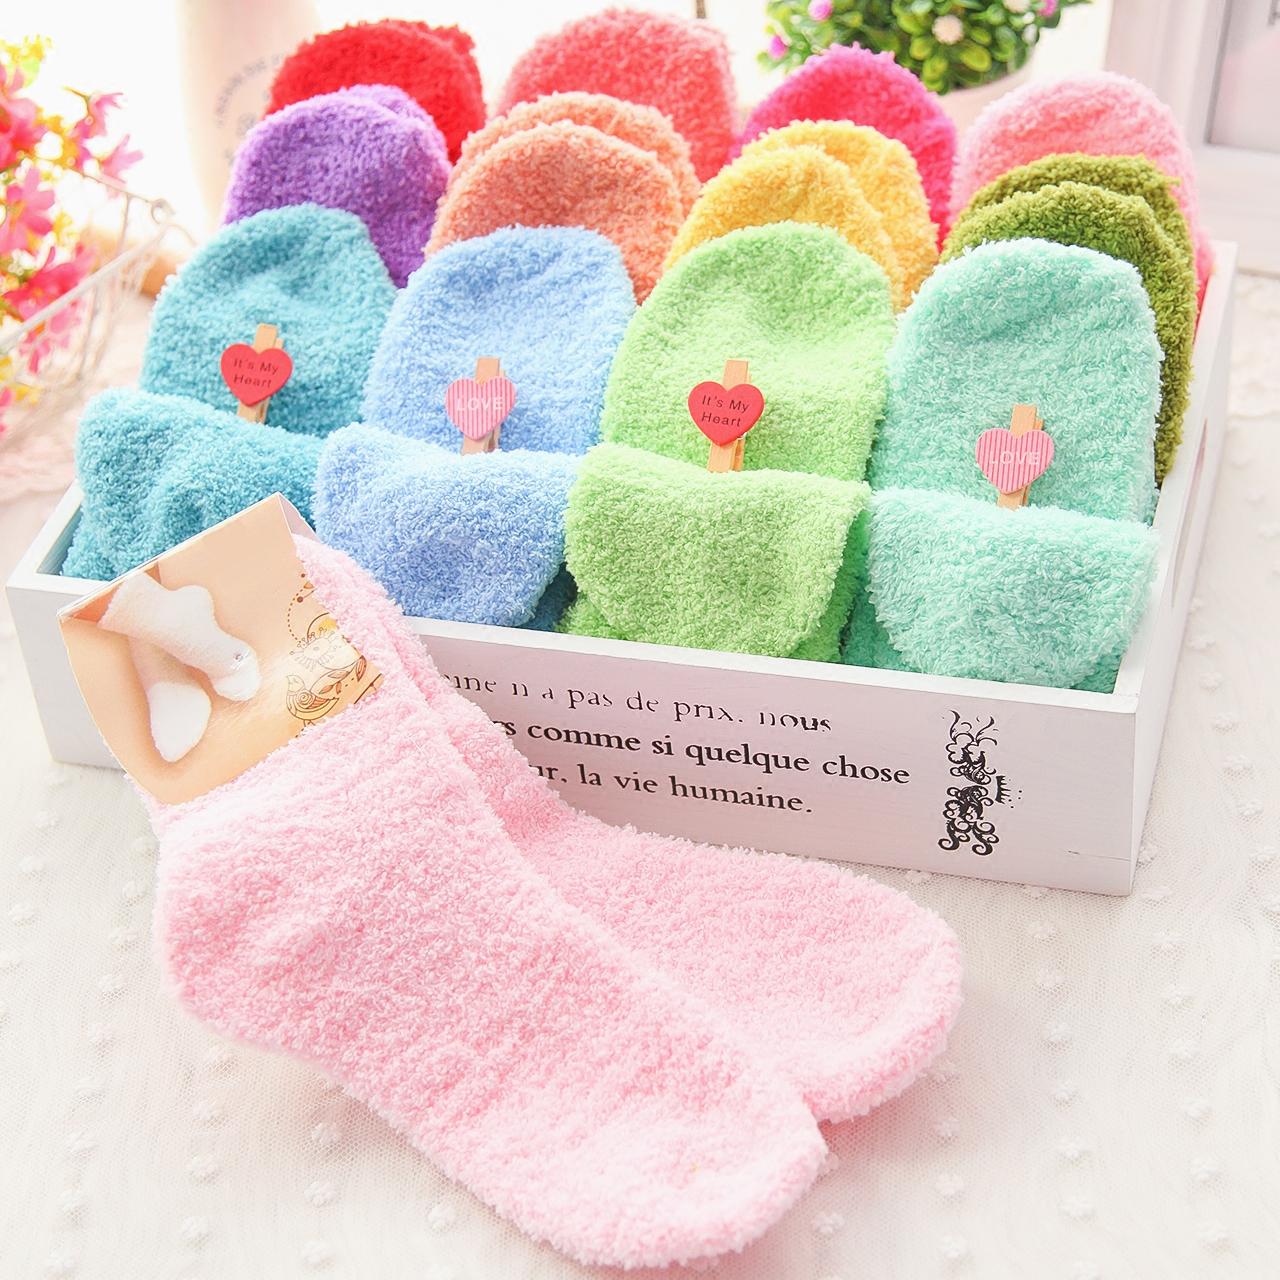 6双包邮!秋季冬季韩国可爱糖果纯色舒适中筒女士珊瑚绒毛巾袜子